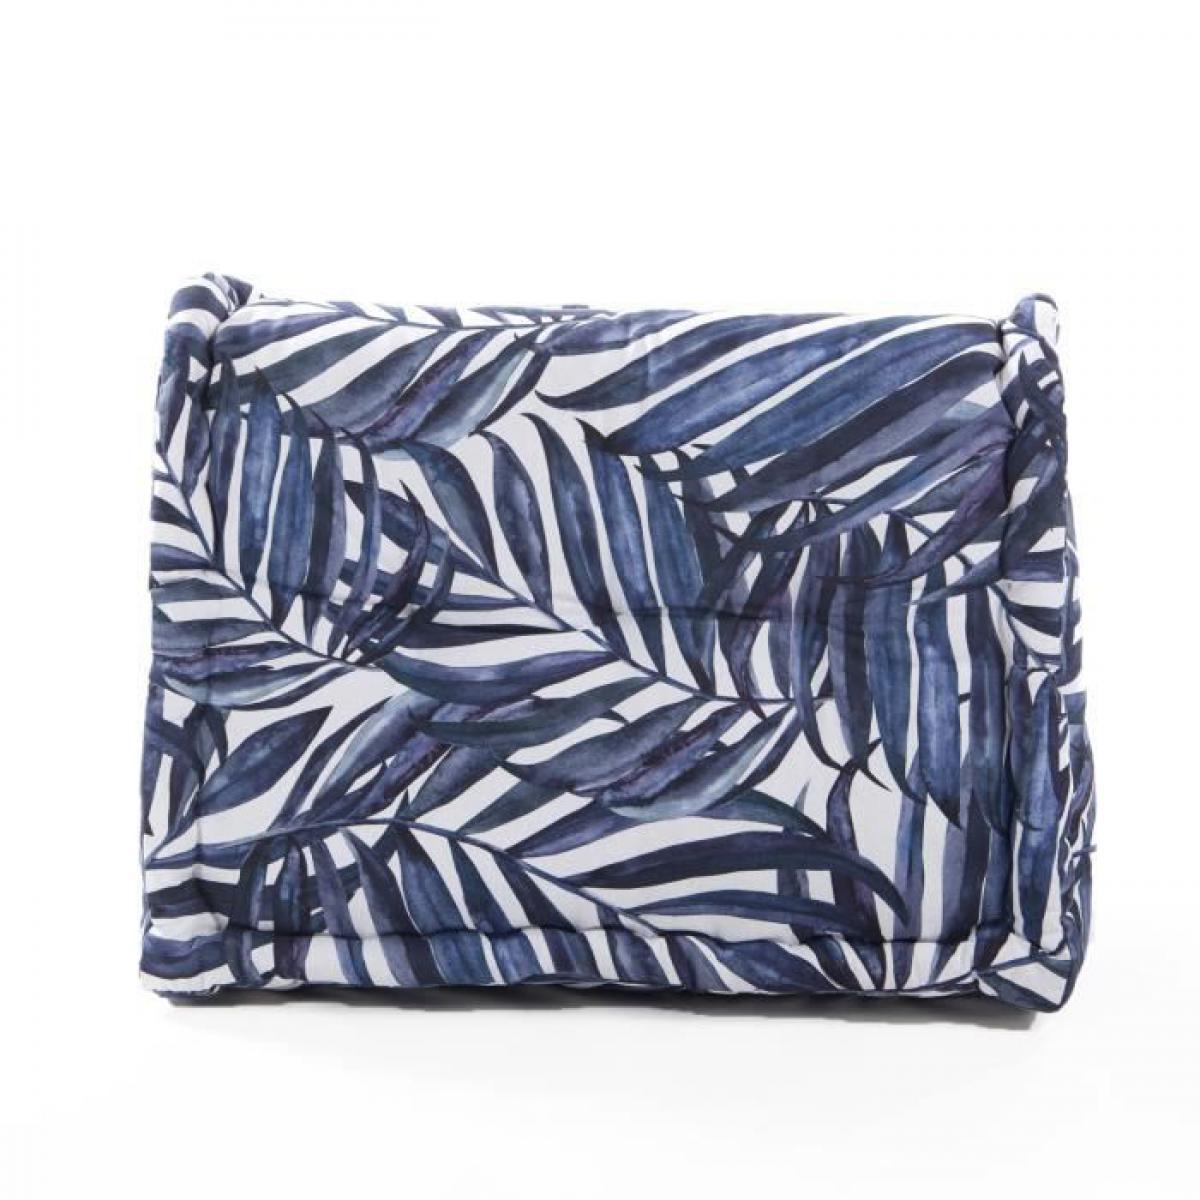 Cotton Wood COTTON WOOD Cale-rein coton imprimé - H45 x 60 x 22/11 cm - Blue Palm